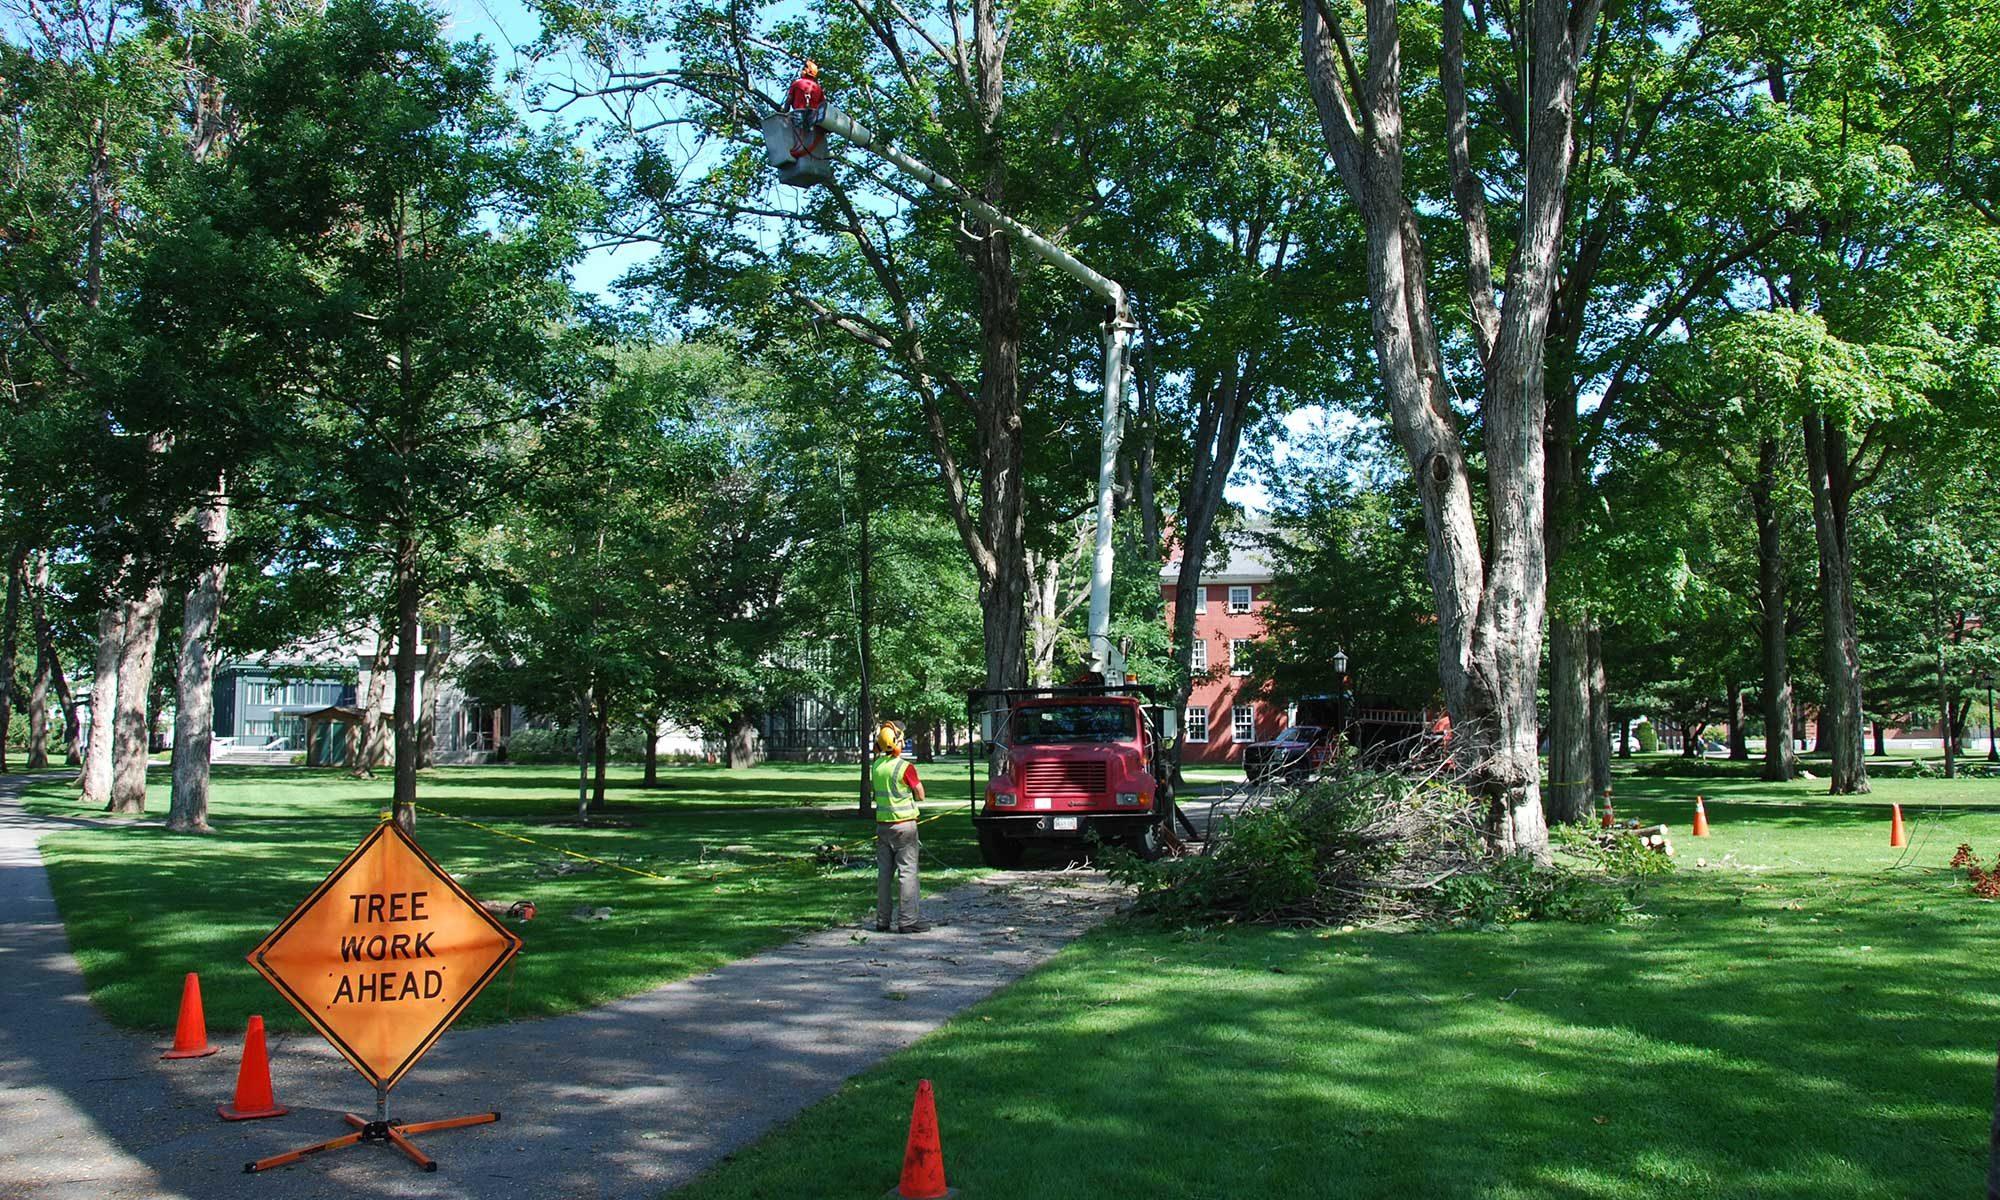 Vail's Tree Service